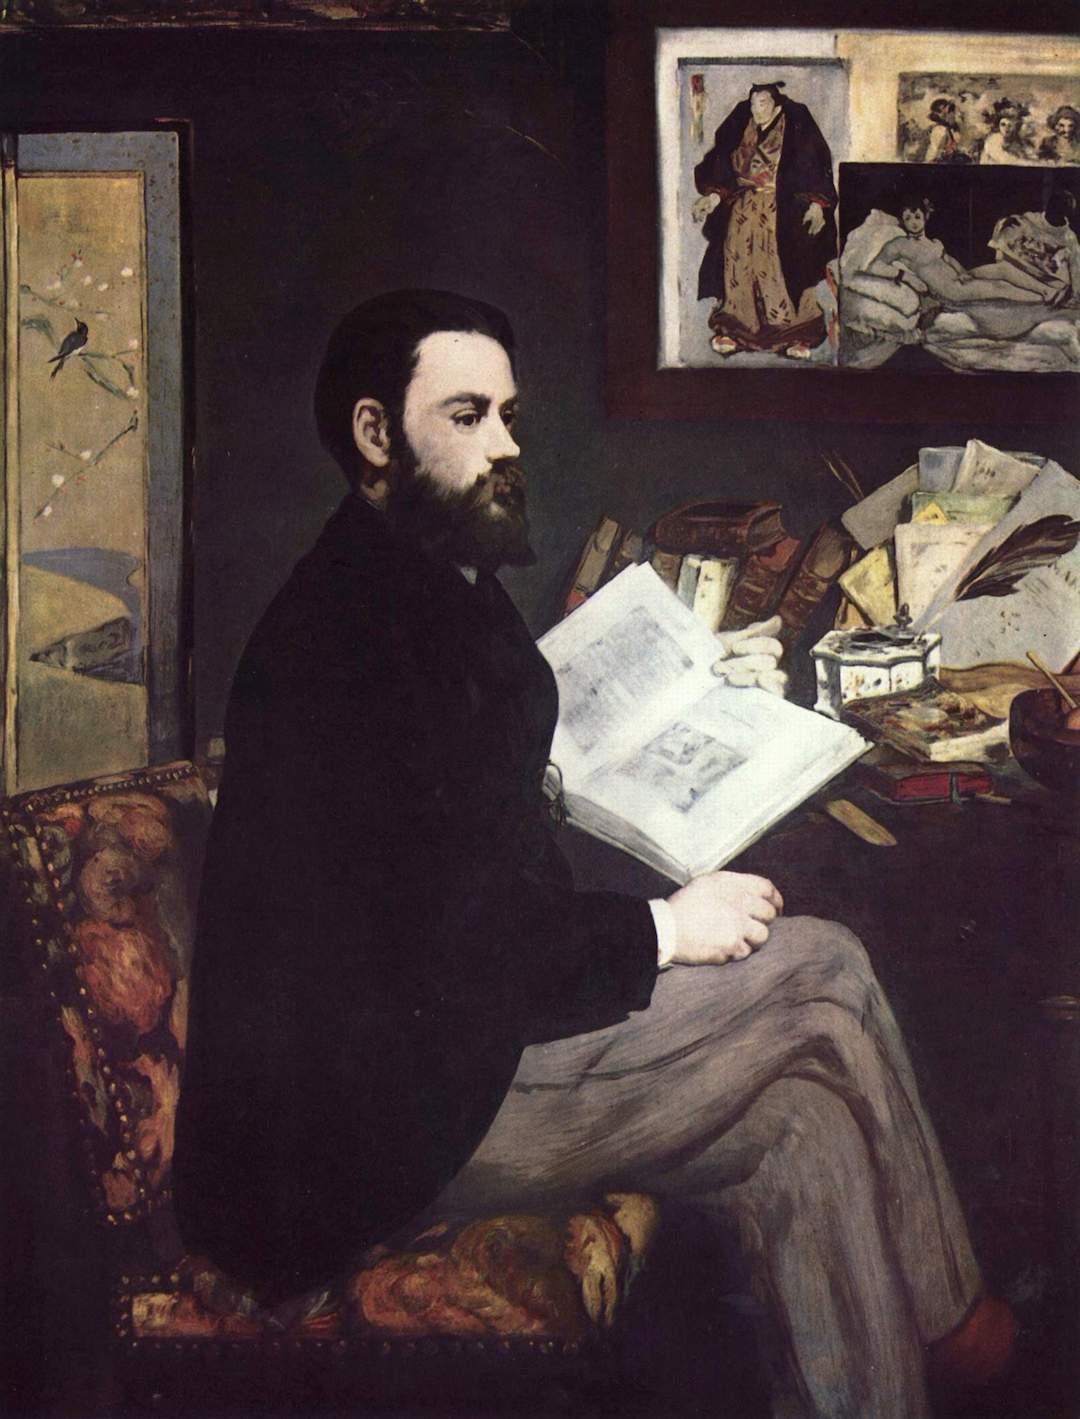 """Édouard Manet portraitierte seinen Freund Émile Zola 1868 vor dessen Schreibtisch. Links ein japanischer Paravent, rechts im Hintergrund unter anderem ein japanischer Holzschnitt und eine Kopie des Gemäldes """"Olympia"""" von Manet."""